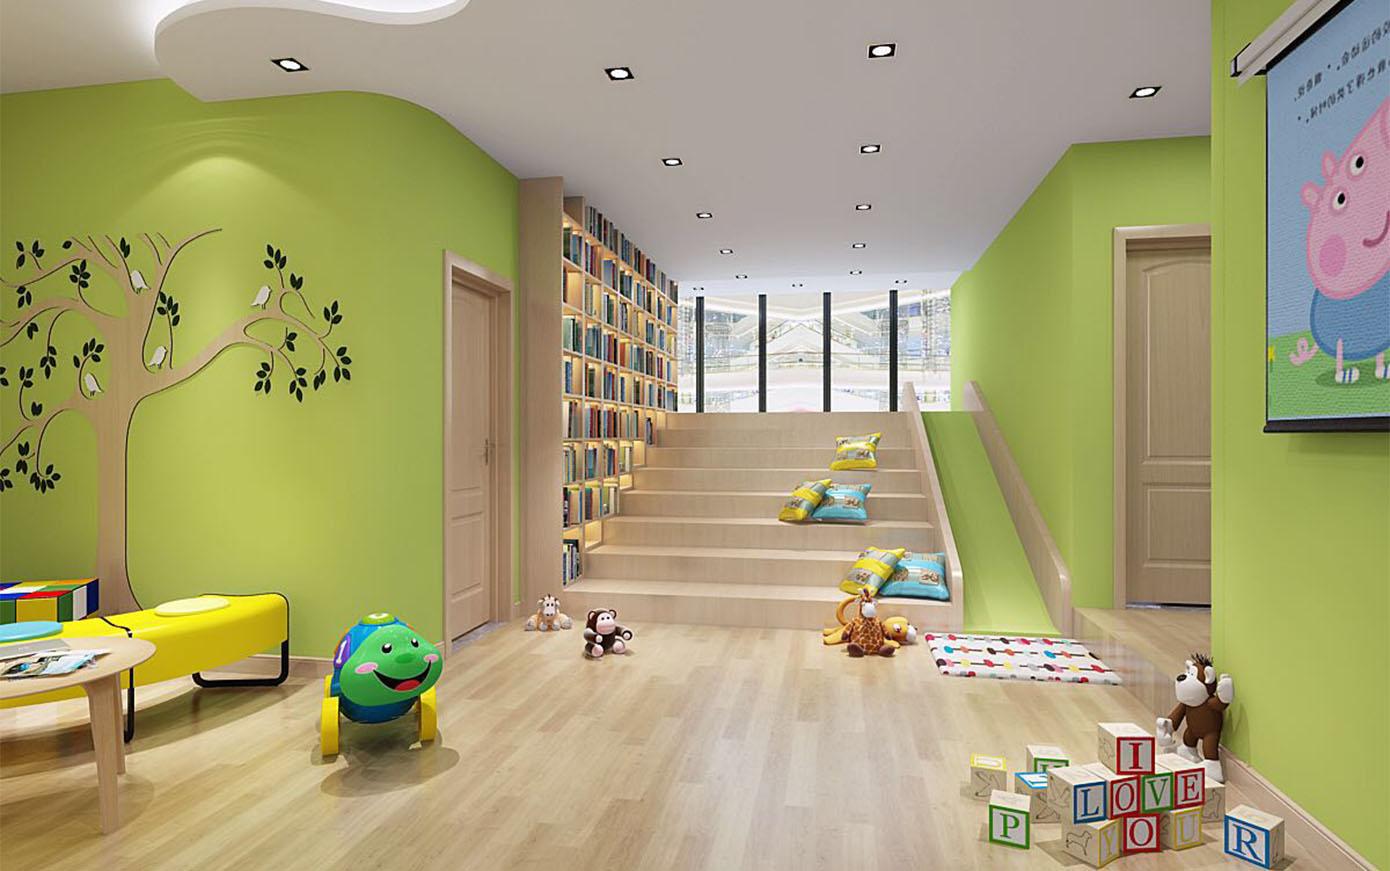 安妮花阅读馆,联盛广场2楼,250平方